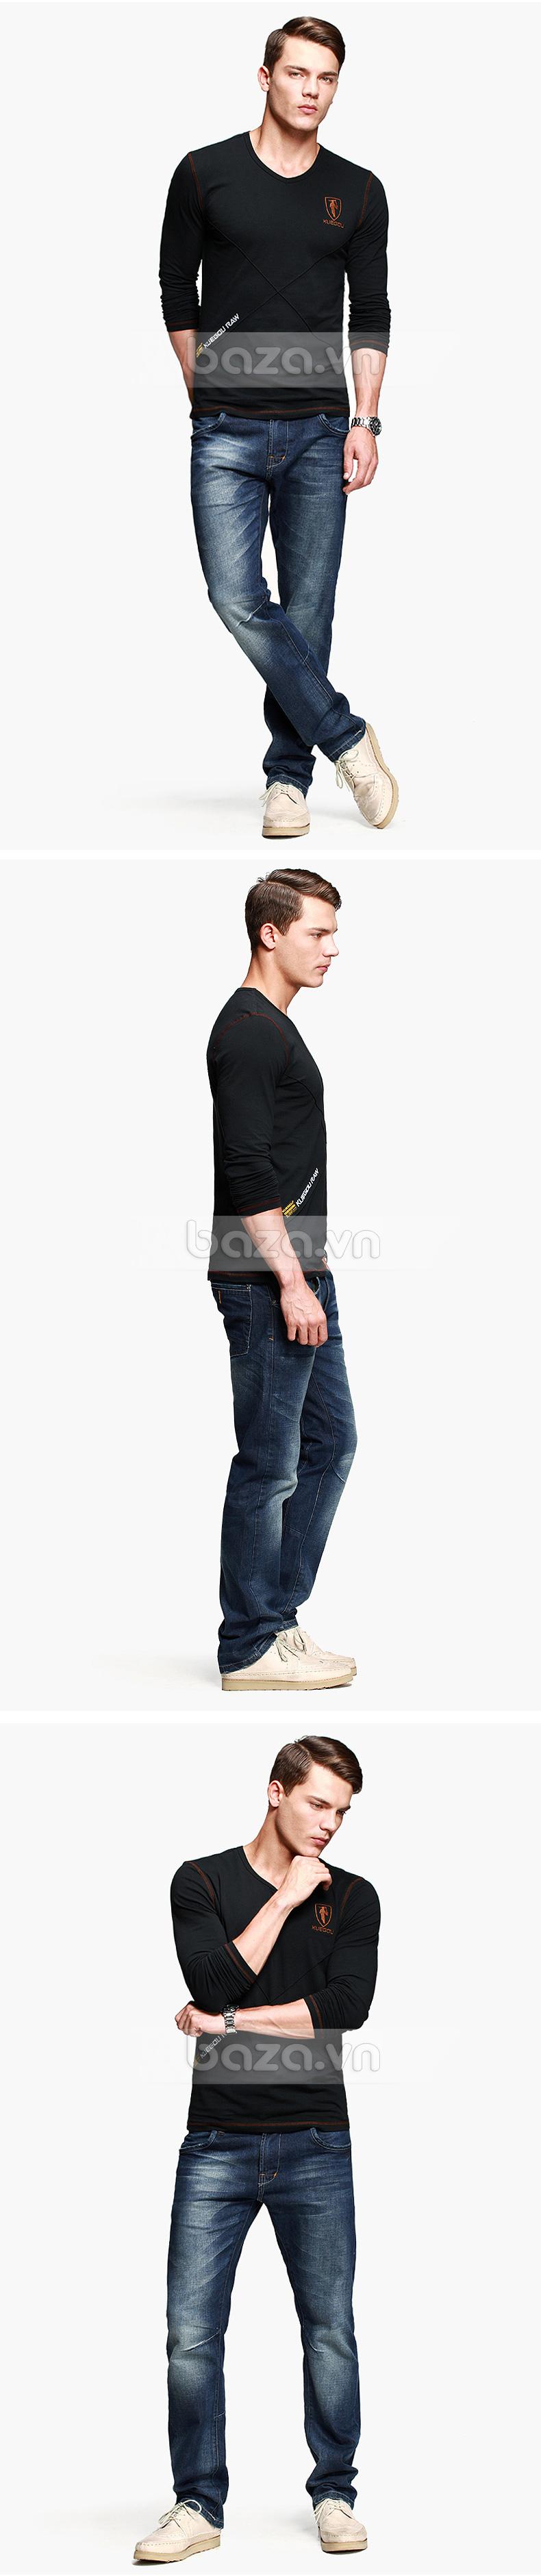 Baza.vn:  Áo thu đông nam K-Jeans KT-8812  hiệu quả phối đồ sang trọng và chất lượng